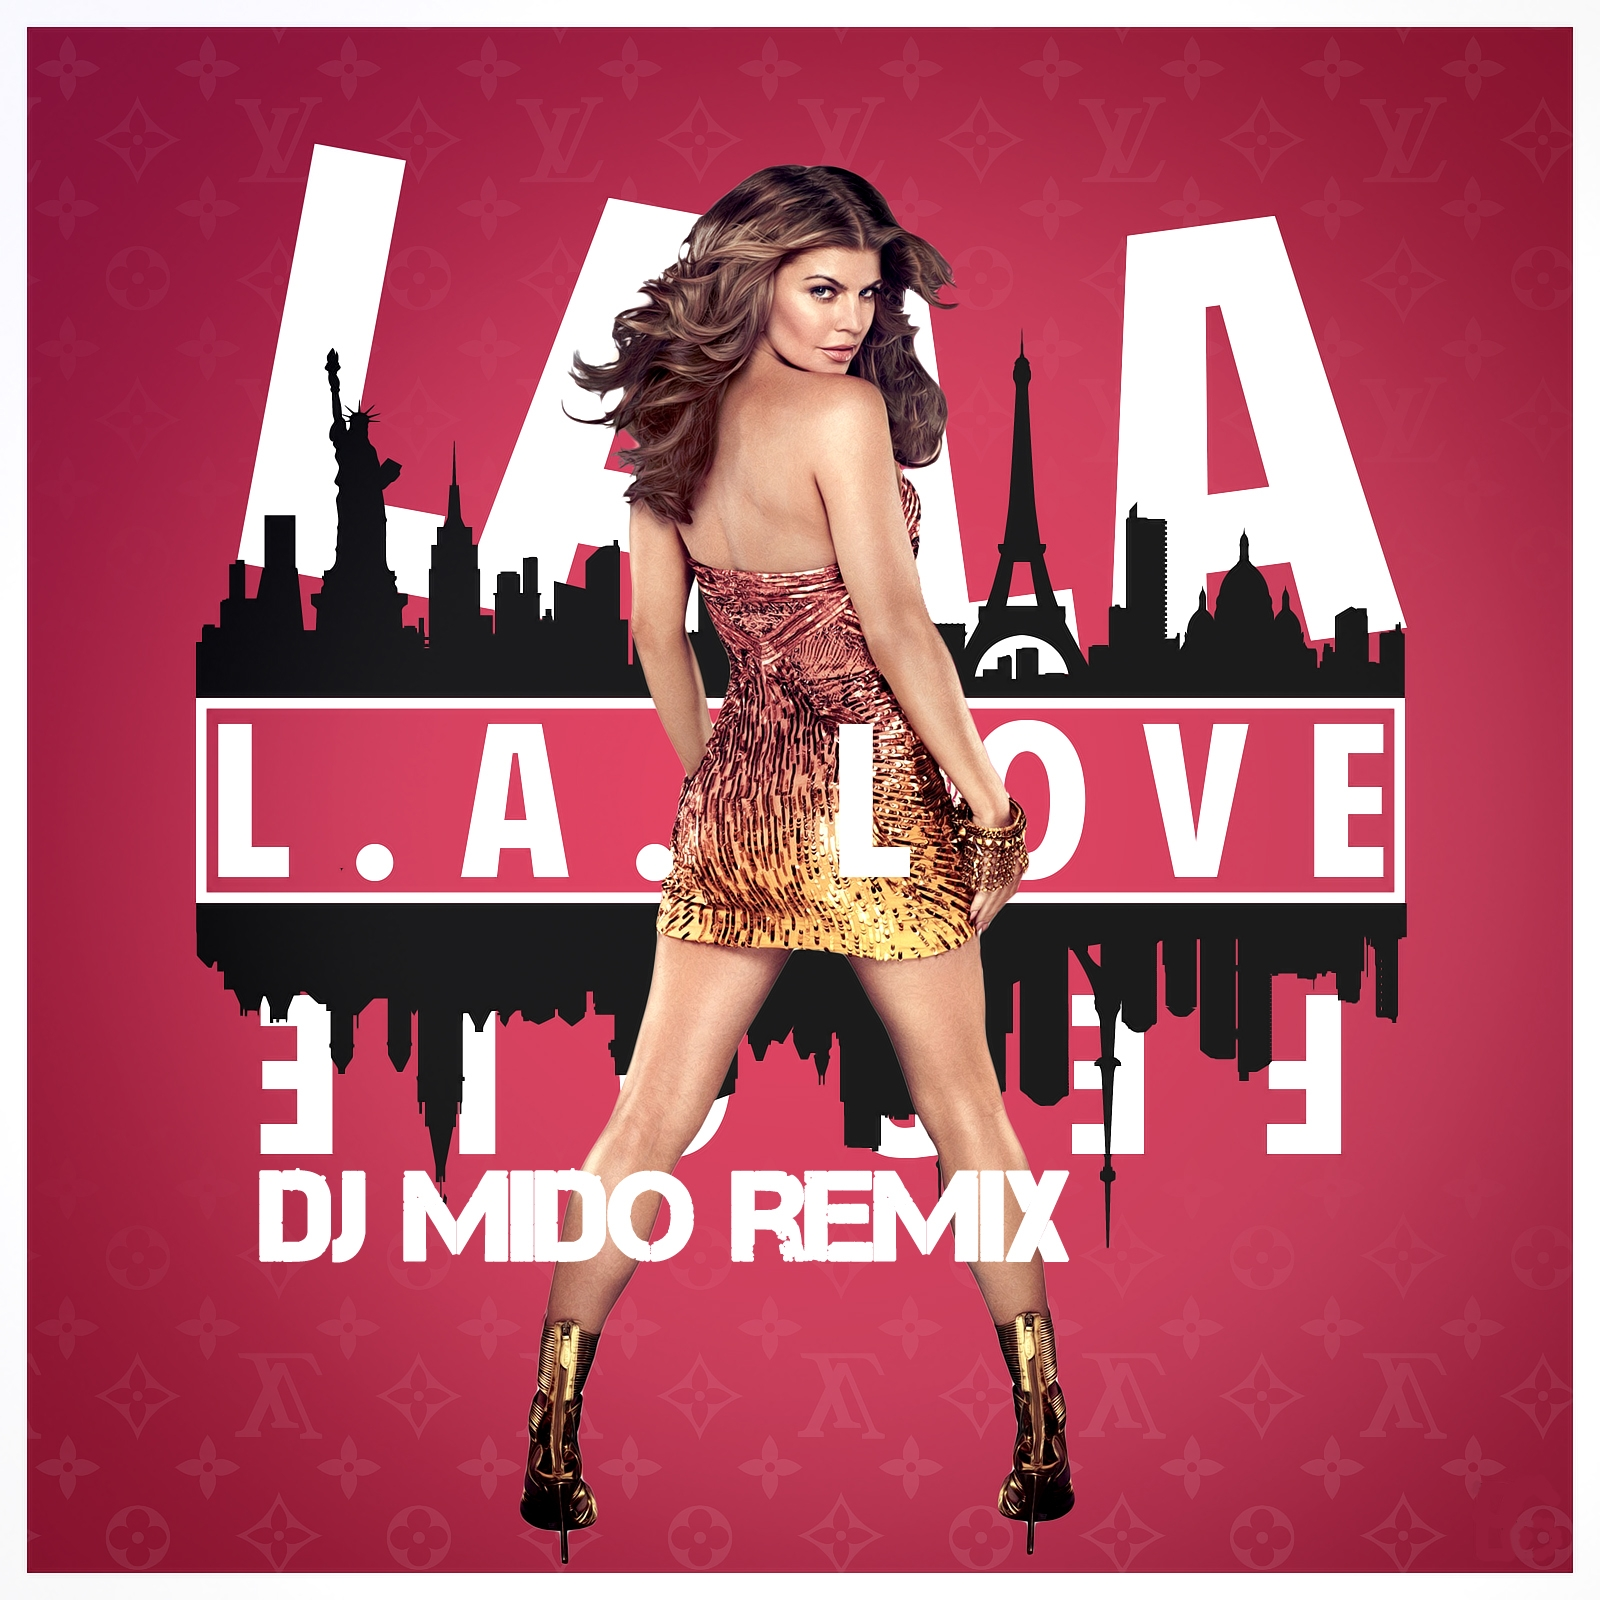 love la Ivi adamou — la la love (греческие песни) 03:01 natascha hagen — sweet la la love 04:02.